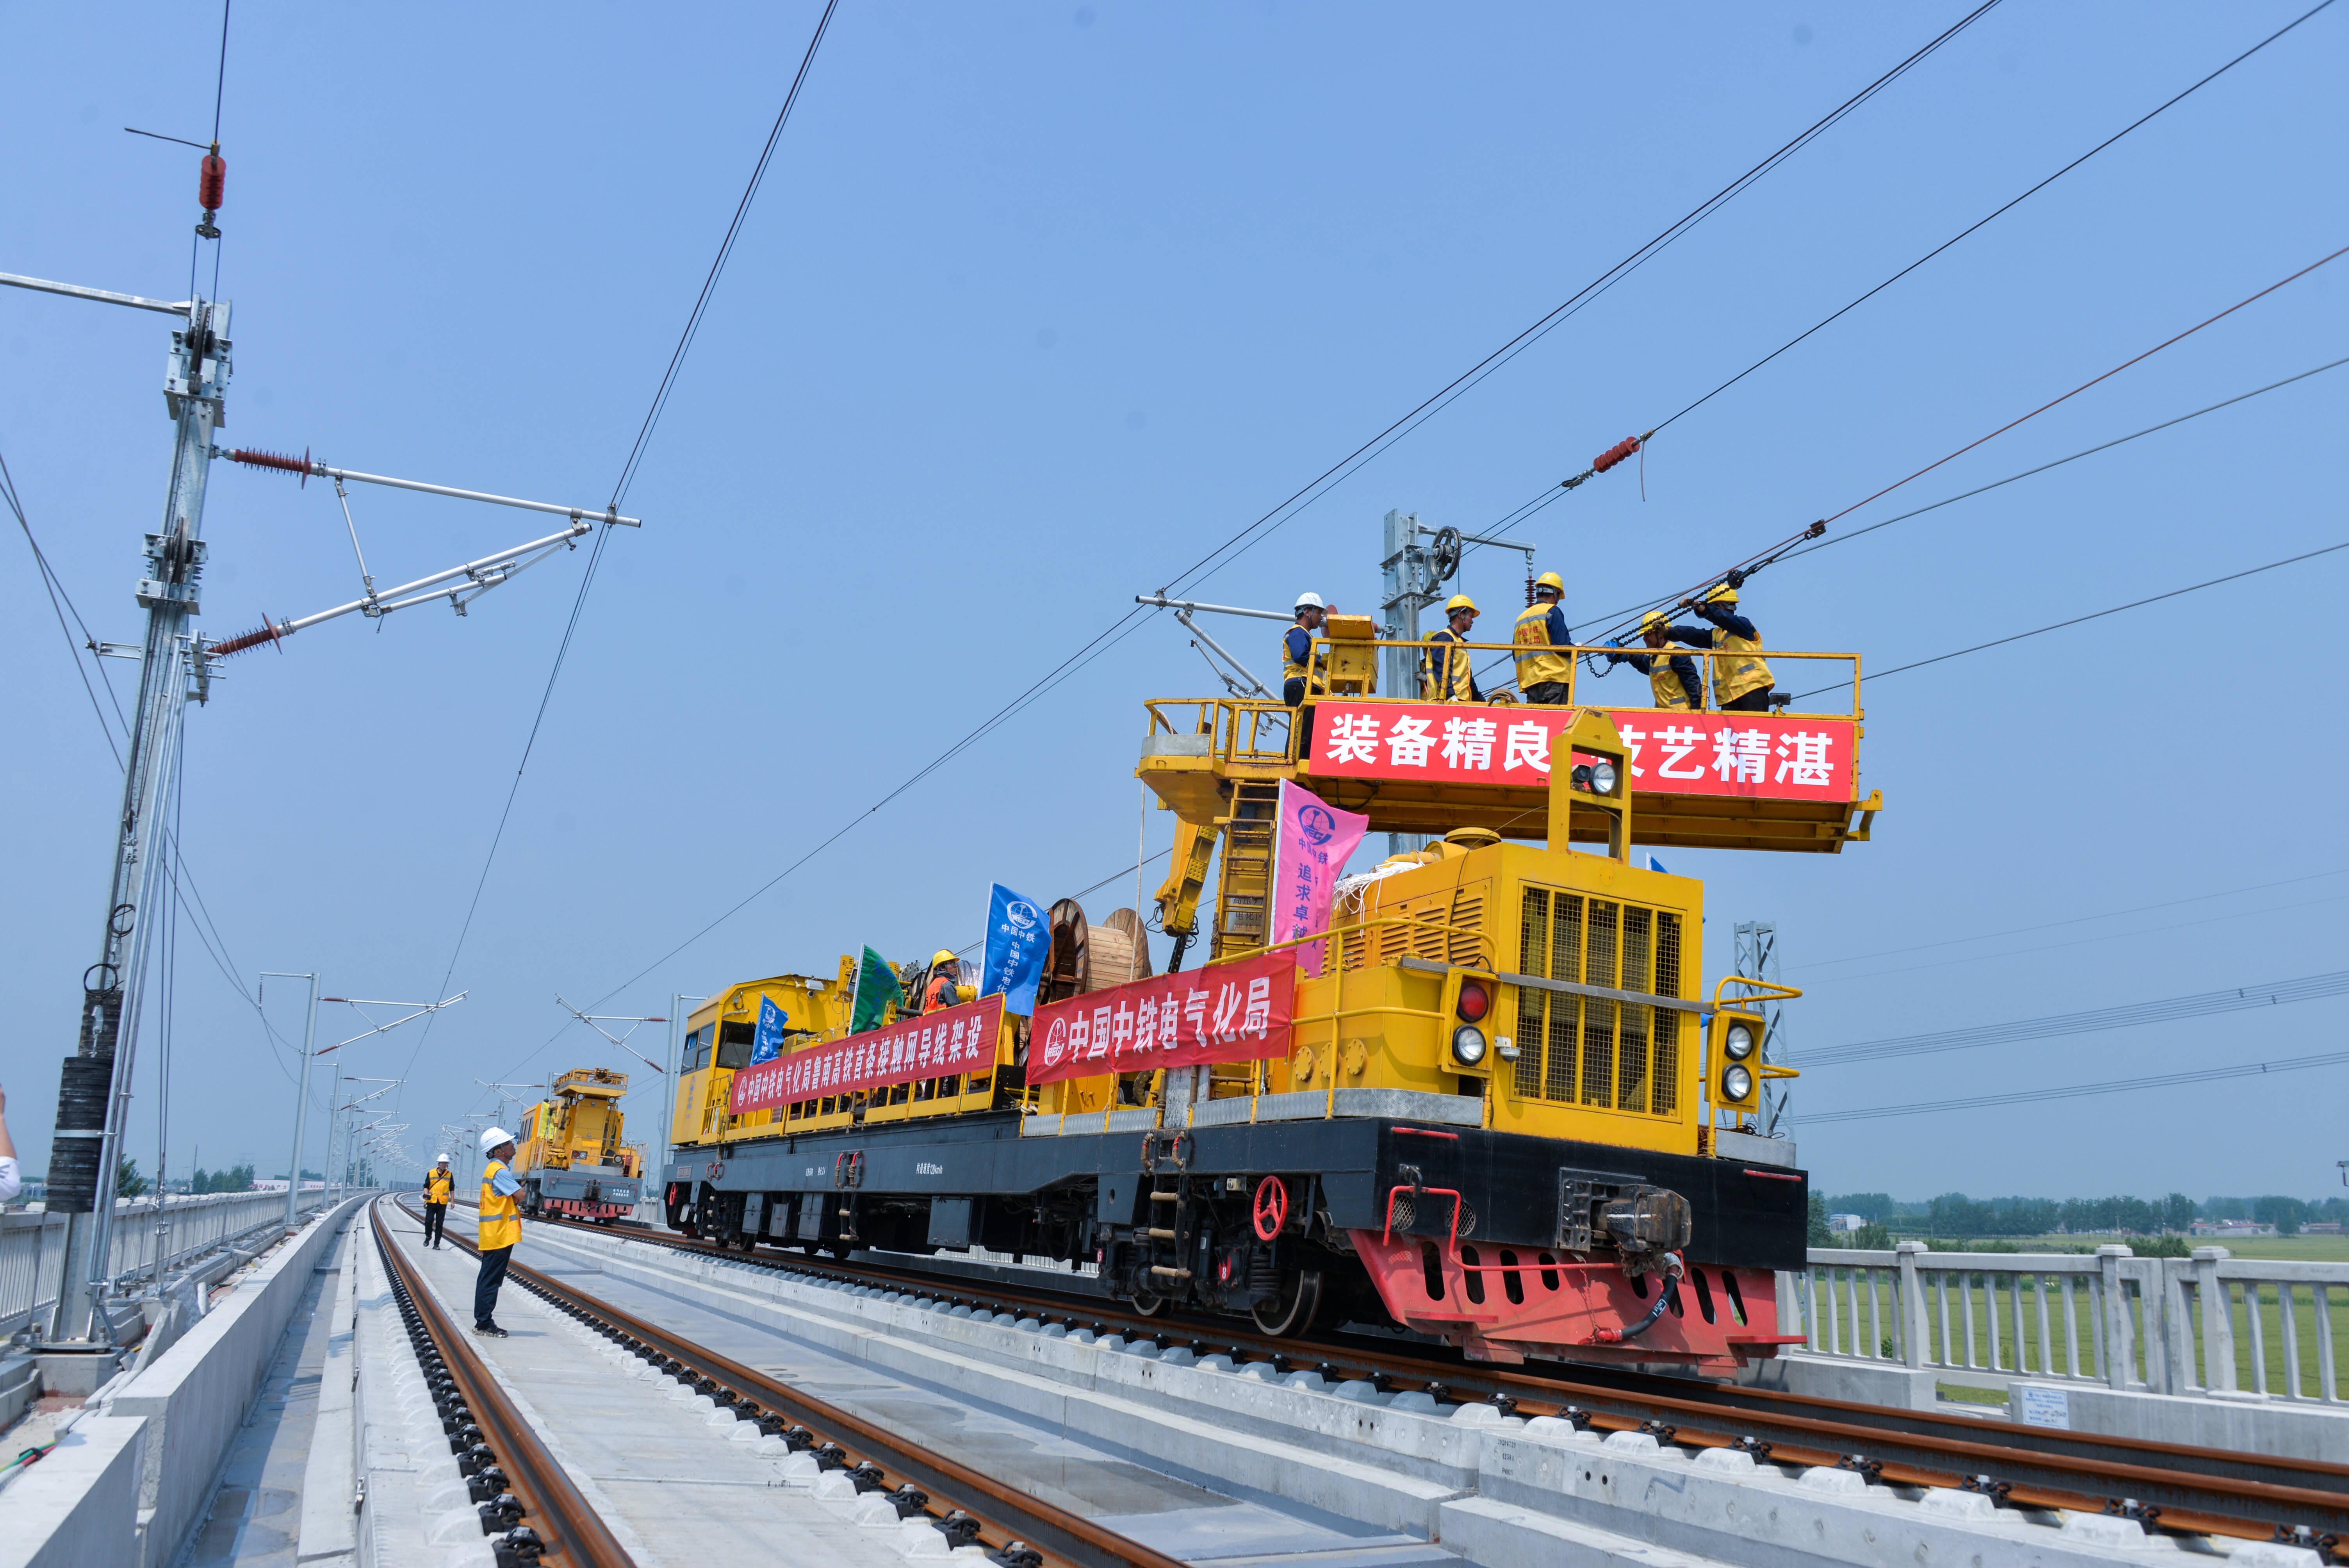 平直误差控制在0.3毫米以内 鲁南高铁西段首条接触网导线成功架设